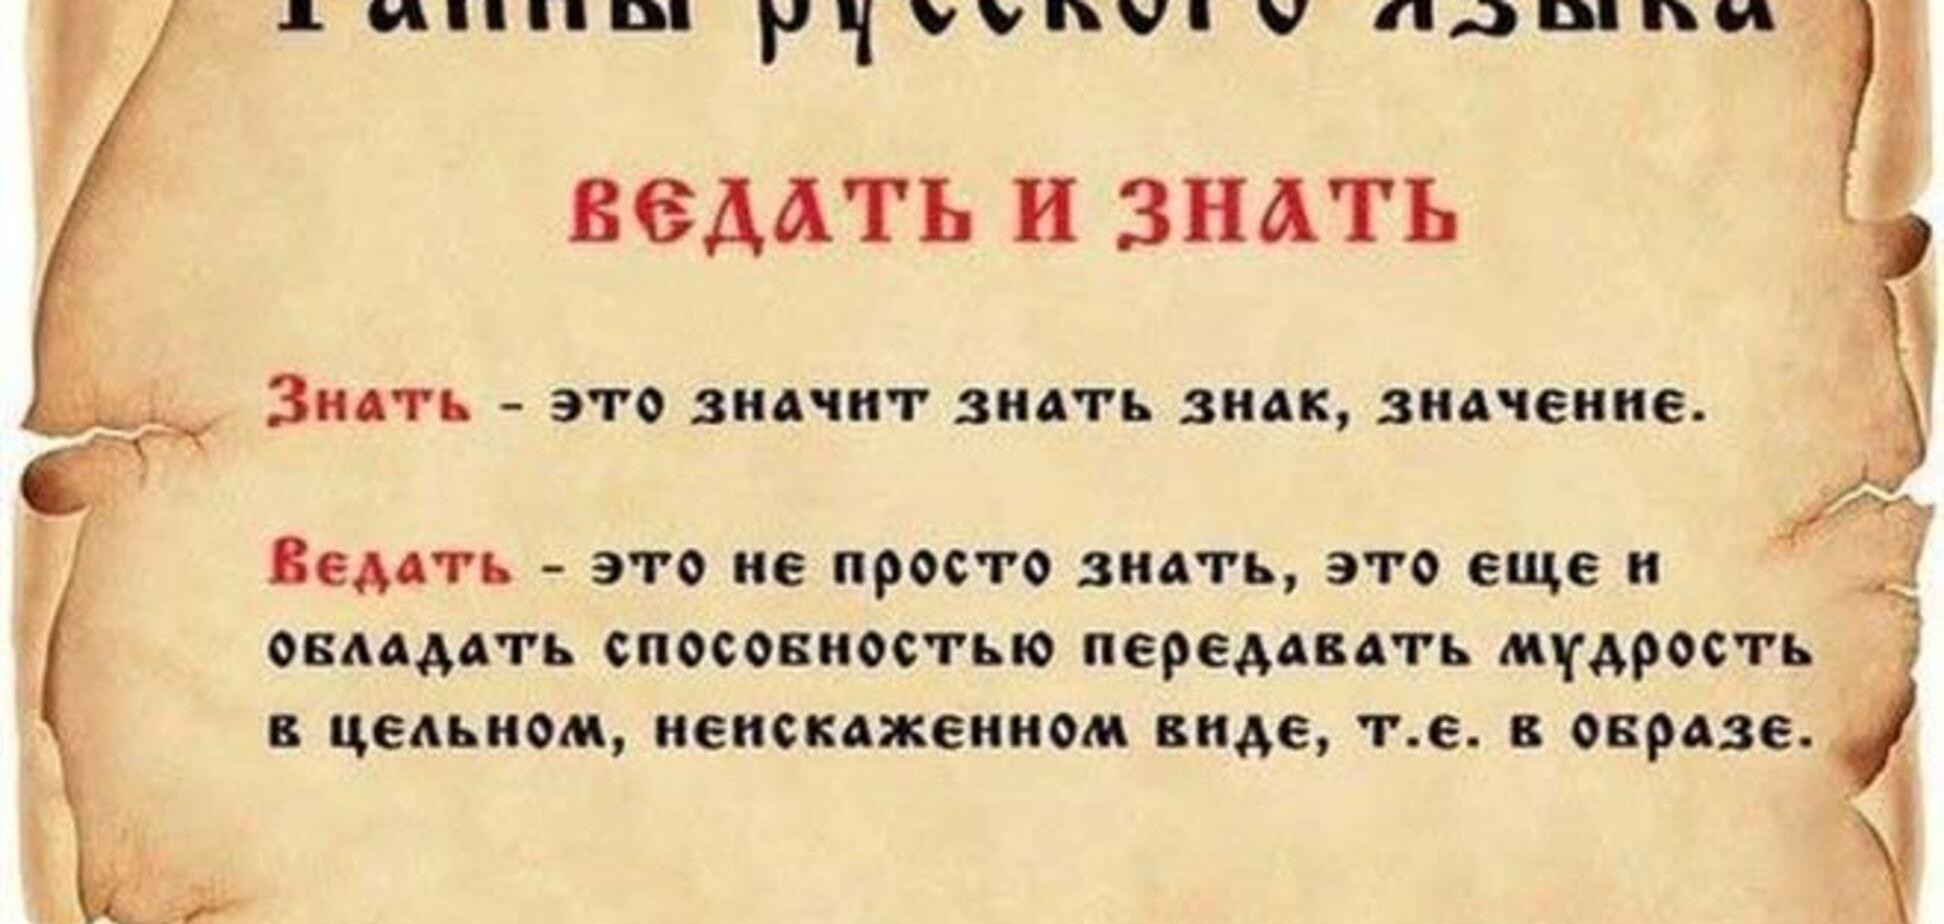 Регионалы предлагают срочно сделать русский язык официальным в Украине